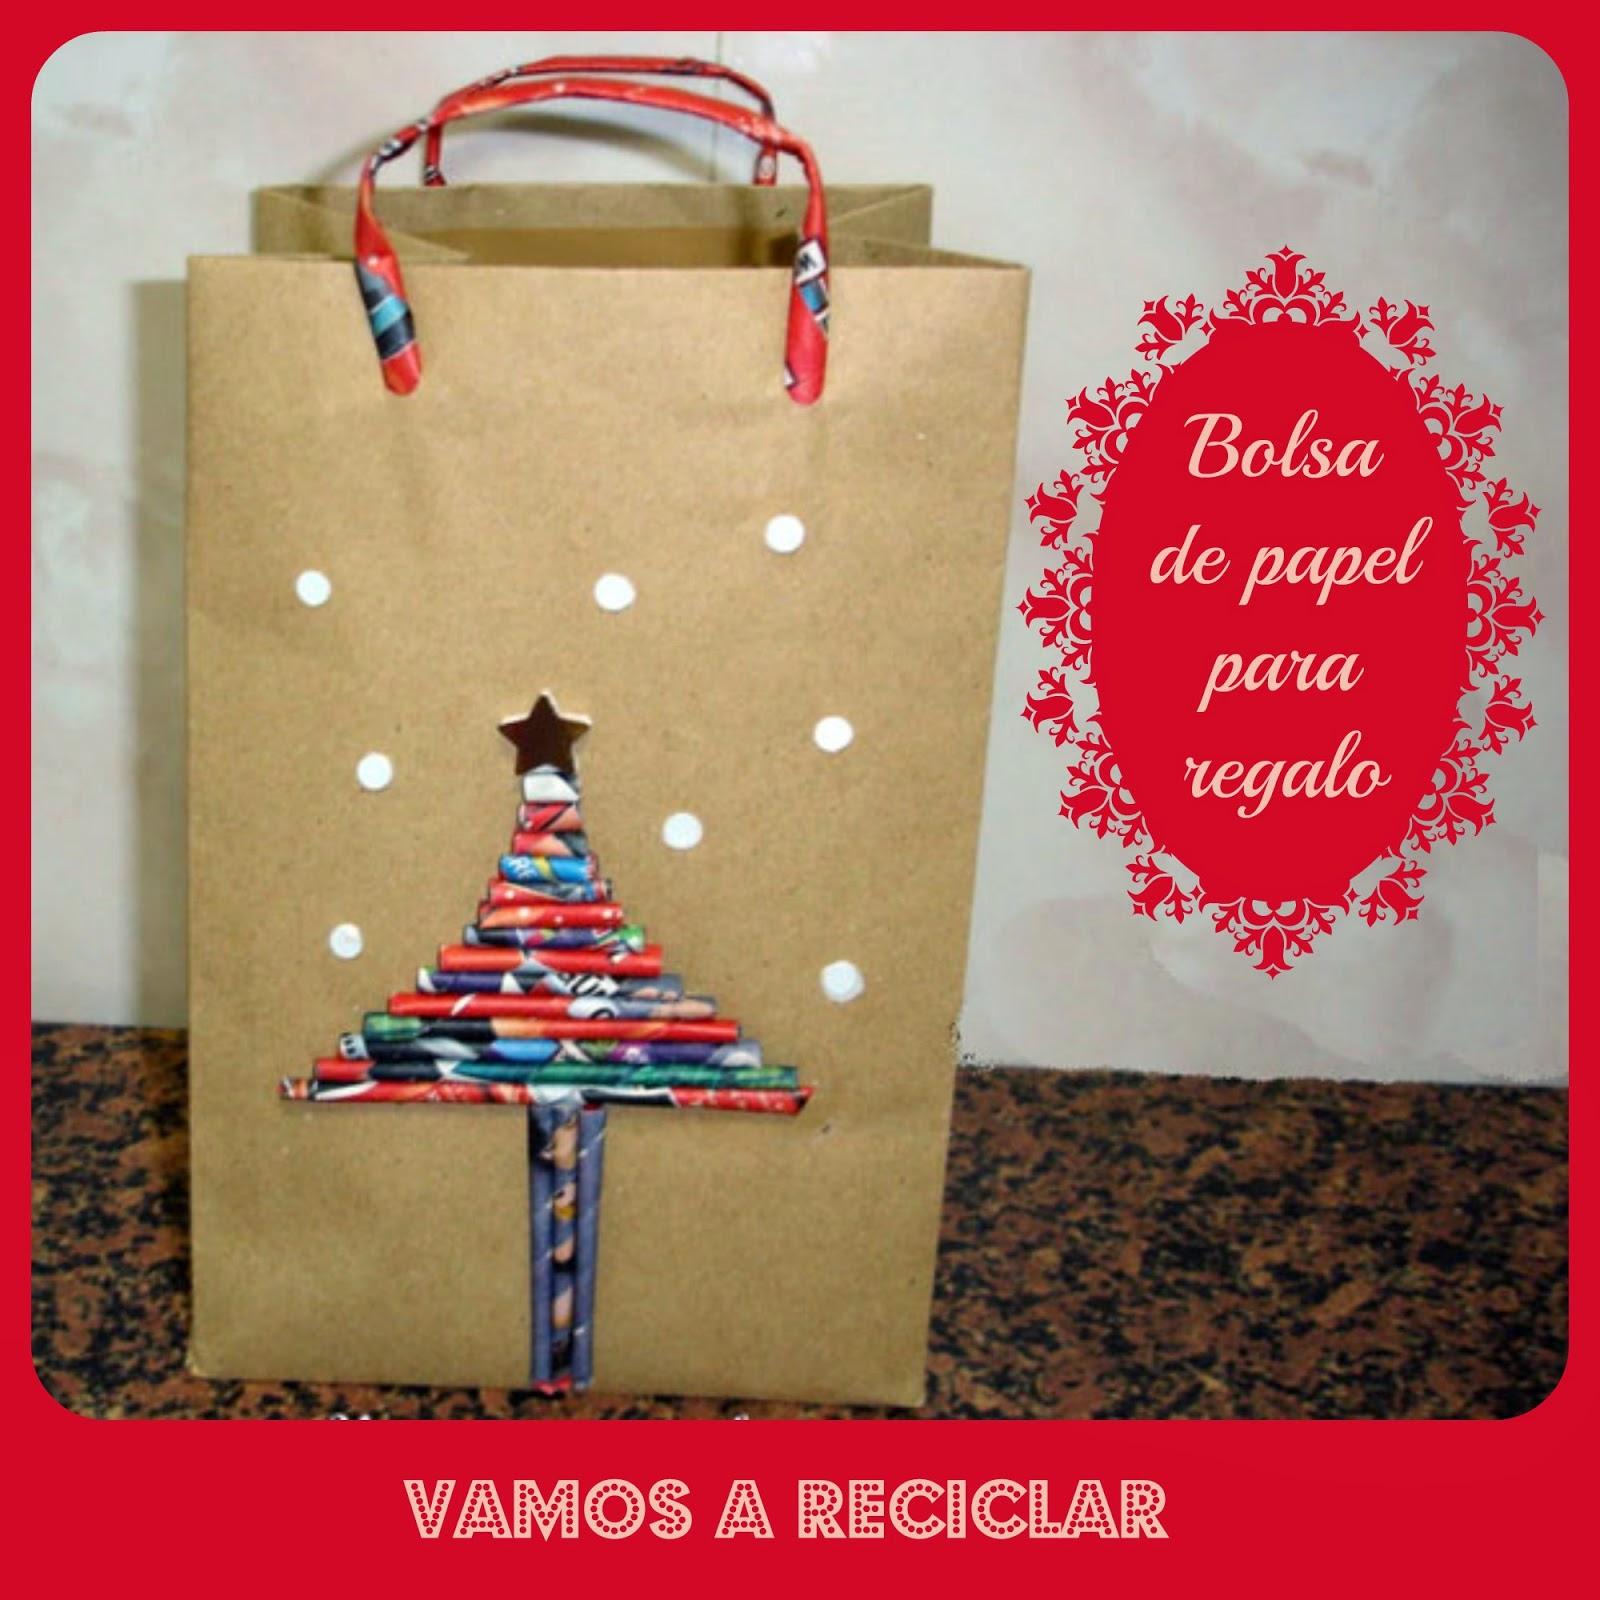 Bolsa de papel para regalo enganchada al reciclaje - Bolsa de papel para regalo ...